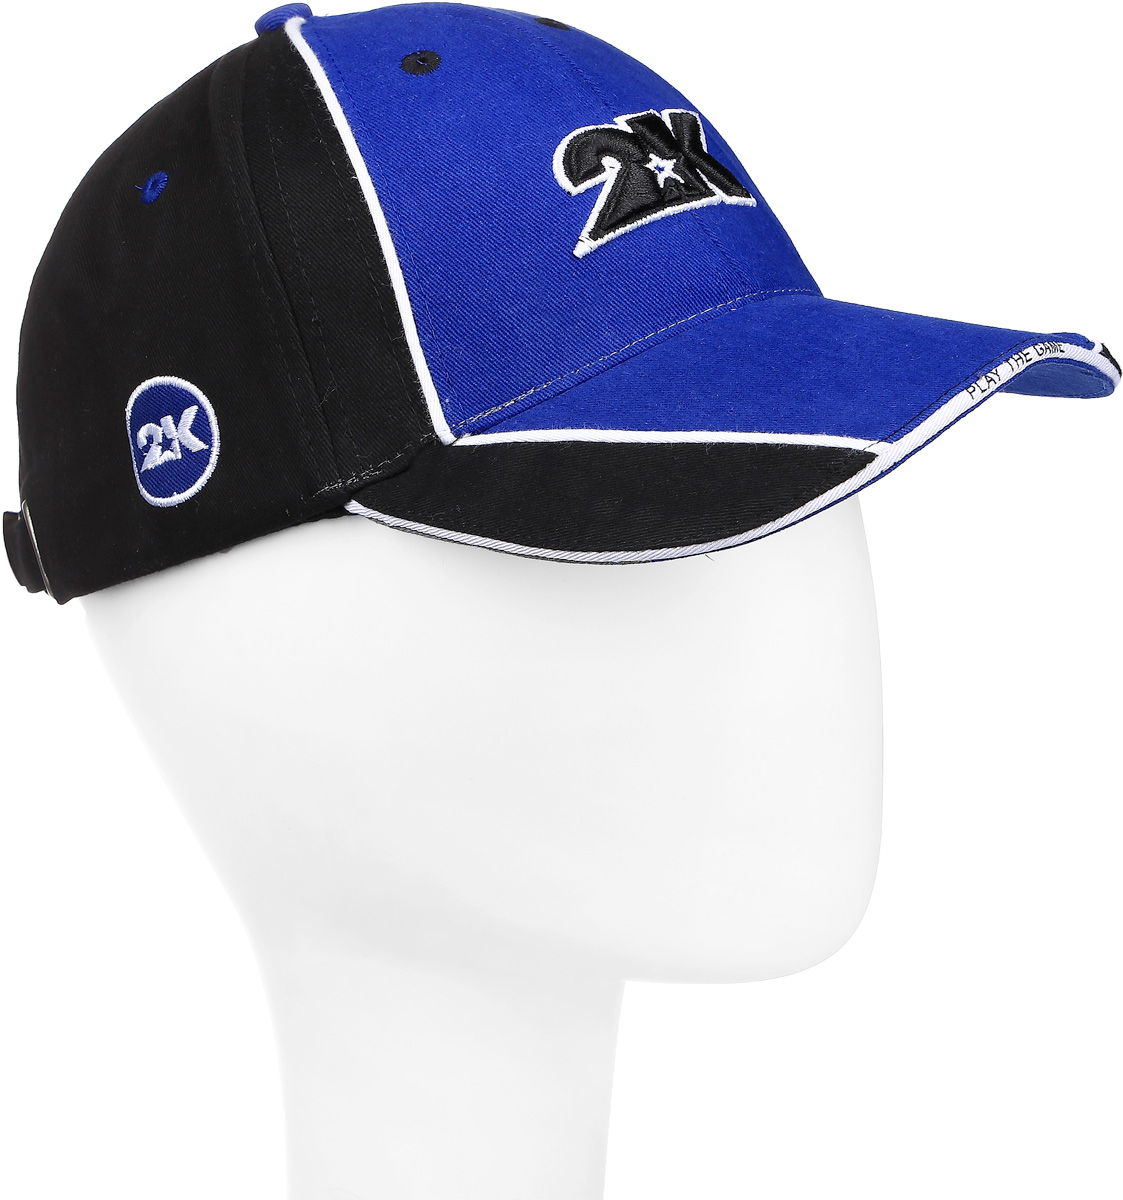 Бейсболка 2K Sport Dimaro, цвет: черный, синий, белый. 124223. Размер 58/60124223_black/royal/whiteБейсболка 2K Sport Dimaro выполнена из натурального хлопка и имеет классическую панельную конструкцию. Модель с плотным козырьком оформлена объемными фирменными вышивками. Бейсболка имеет небольшие отверстия, обеспечивающие дополнительную вентиляцию. Объем бейсболки регулируется при помощи хлястика с металлической застежкой-фиксатором, оформленной гравировкой.